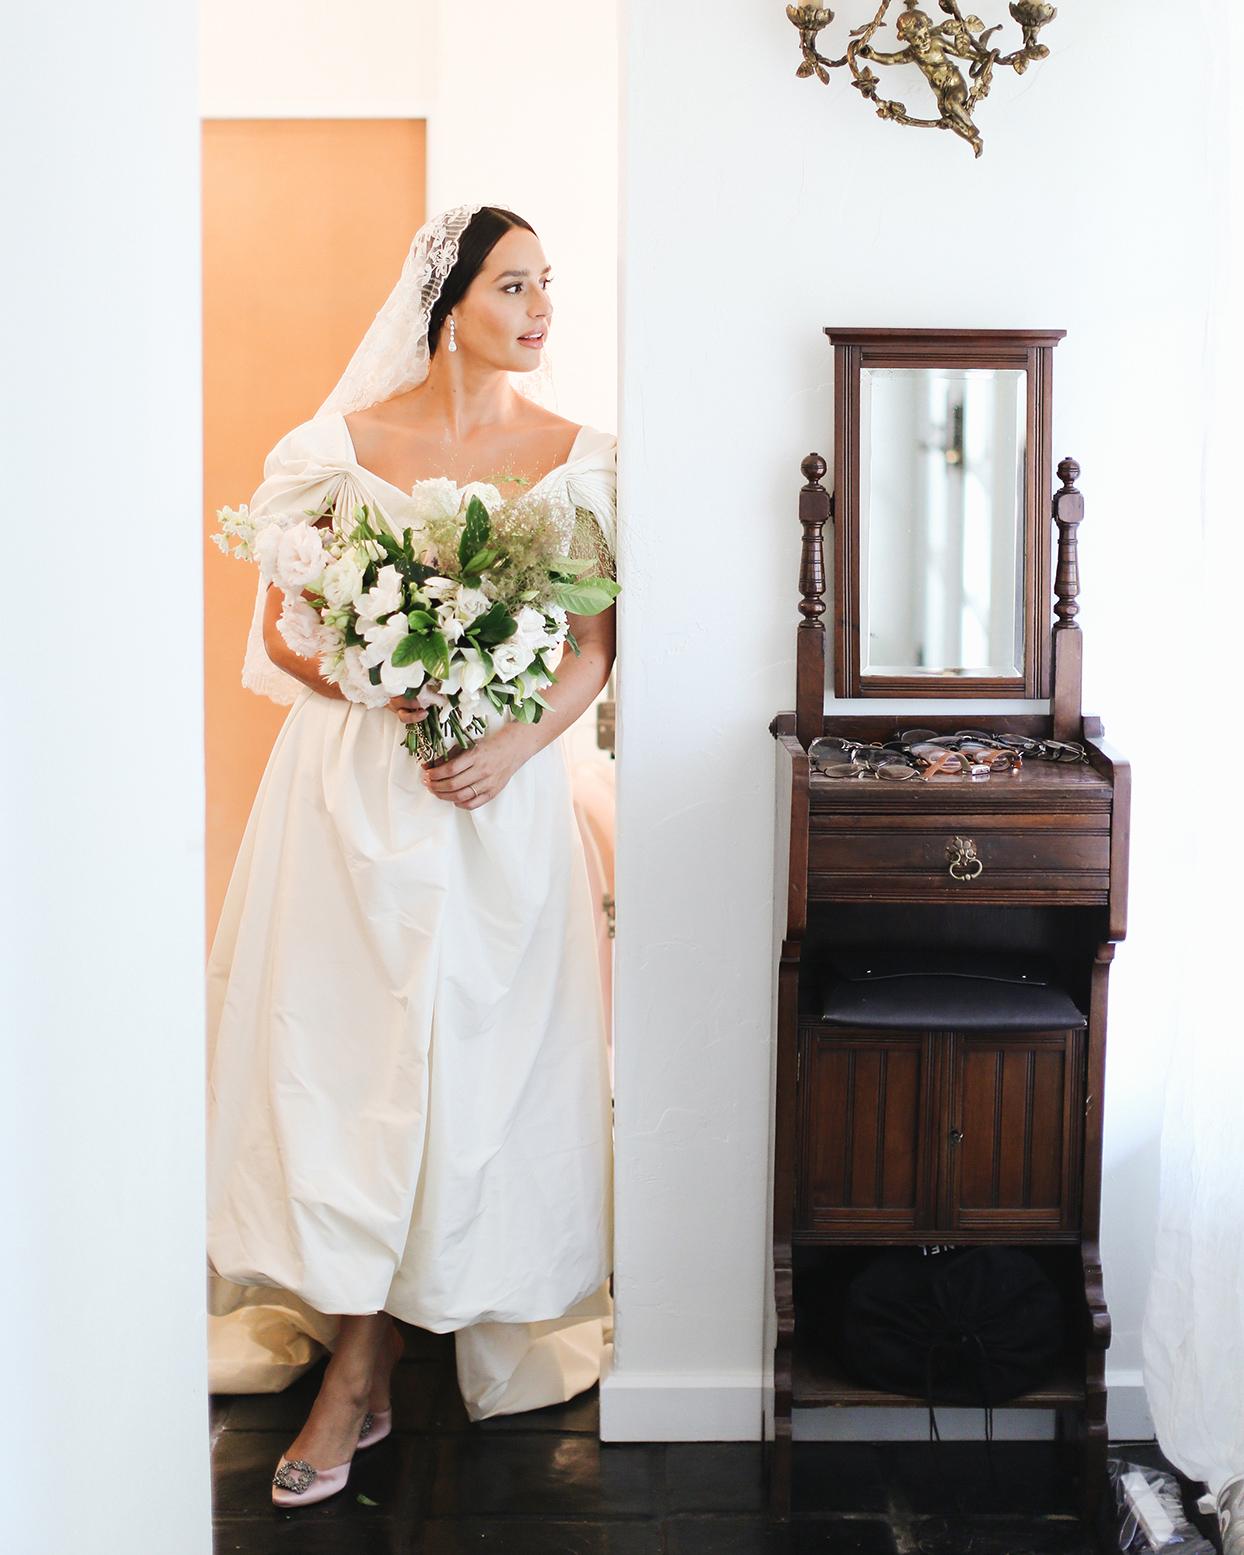 pia davide wedding bride dress standing in doorway